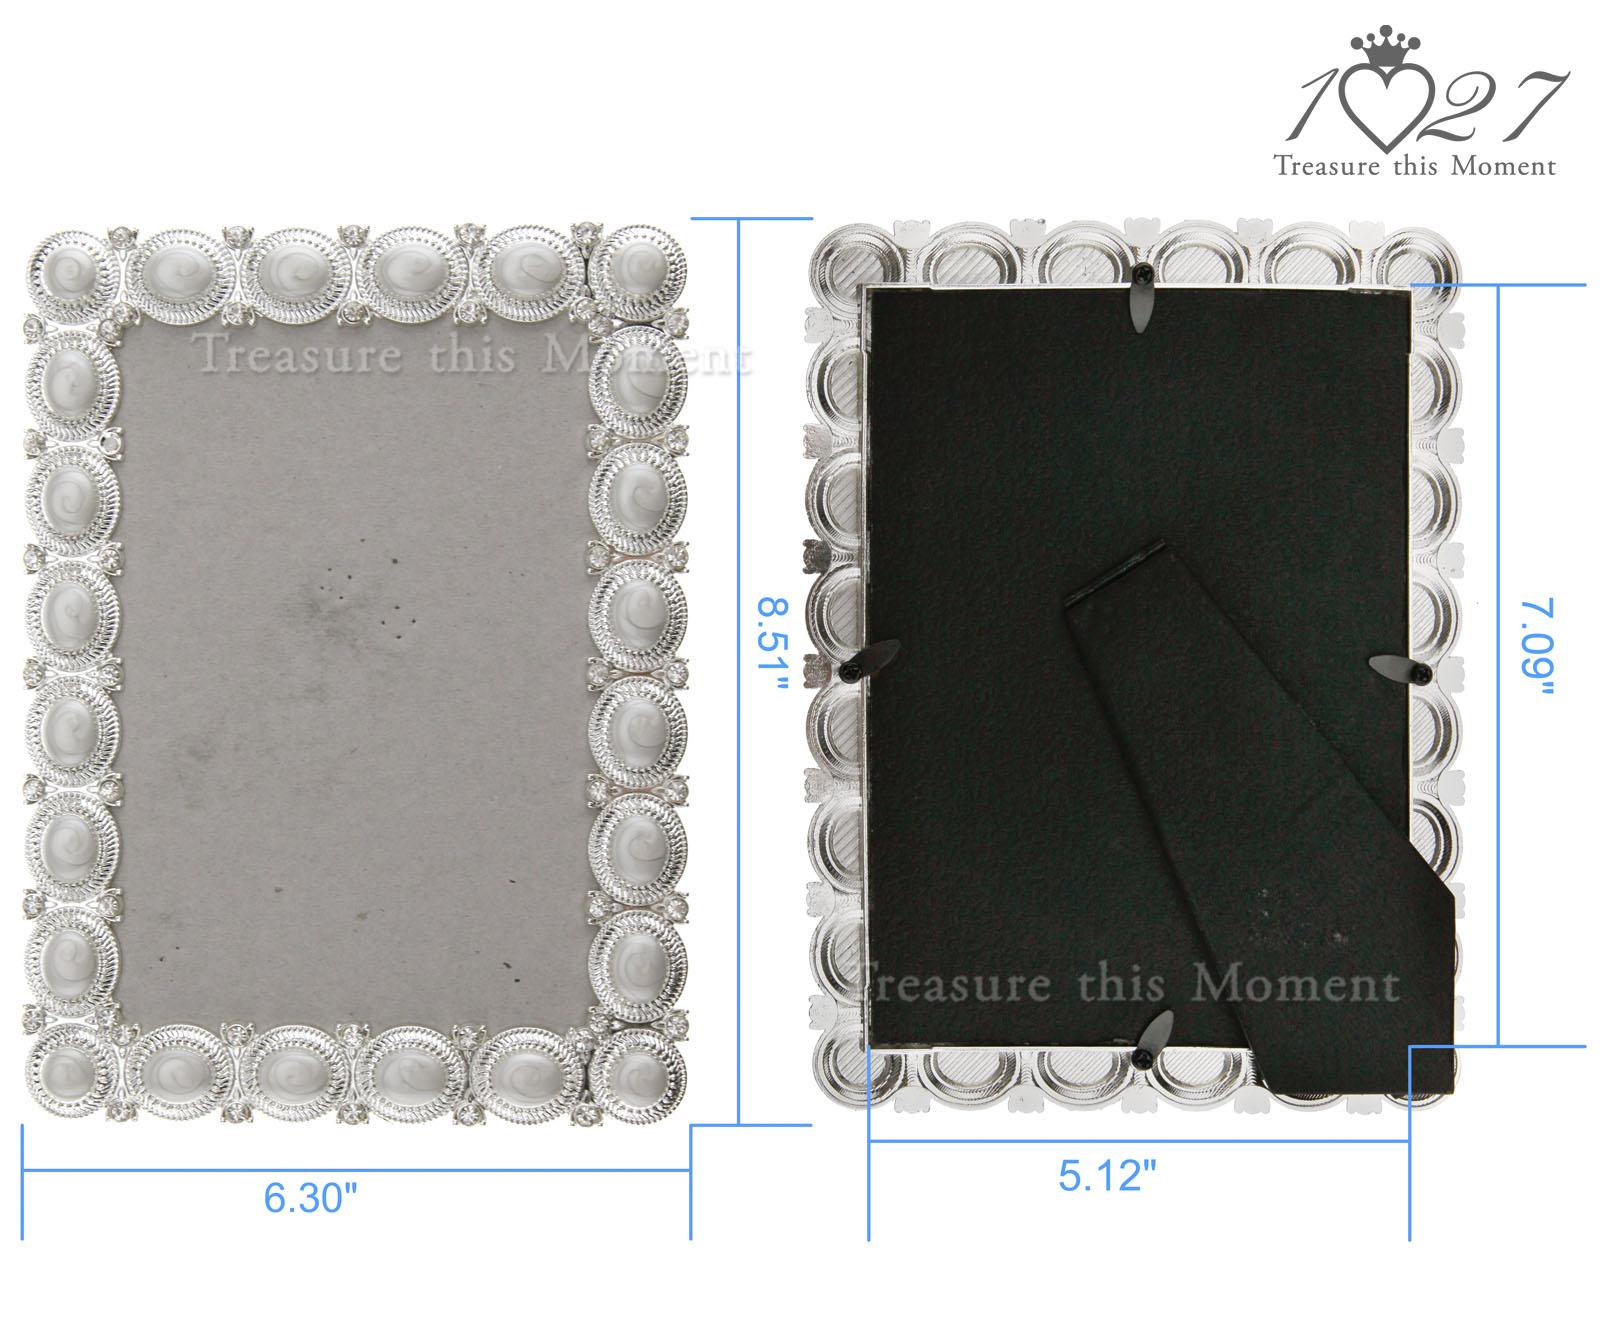 Berühmt Bilderrahmen Handwerk Fotos - Bilderrahmen Ideen ...